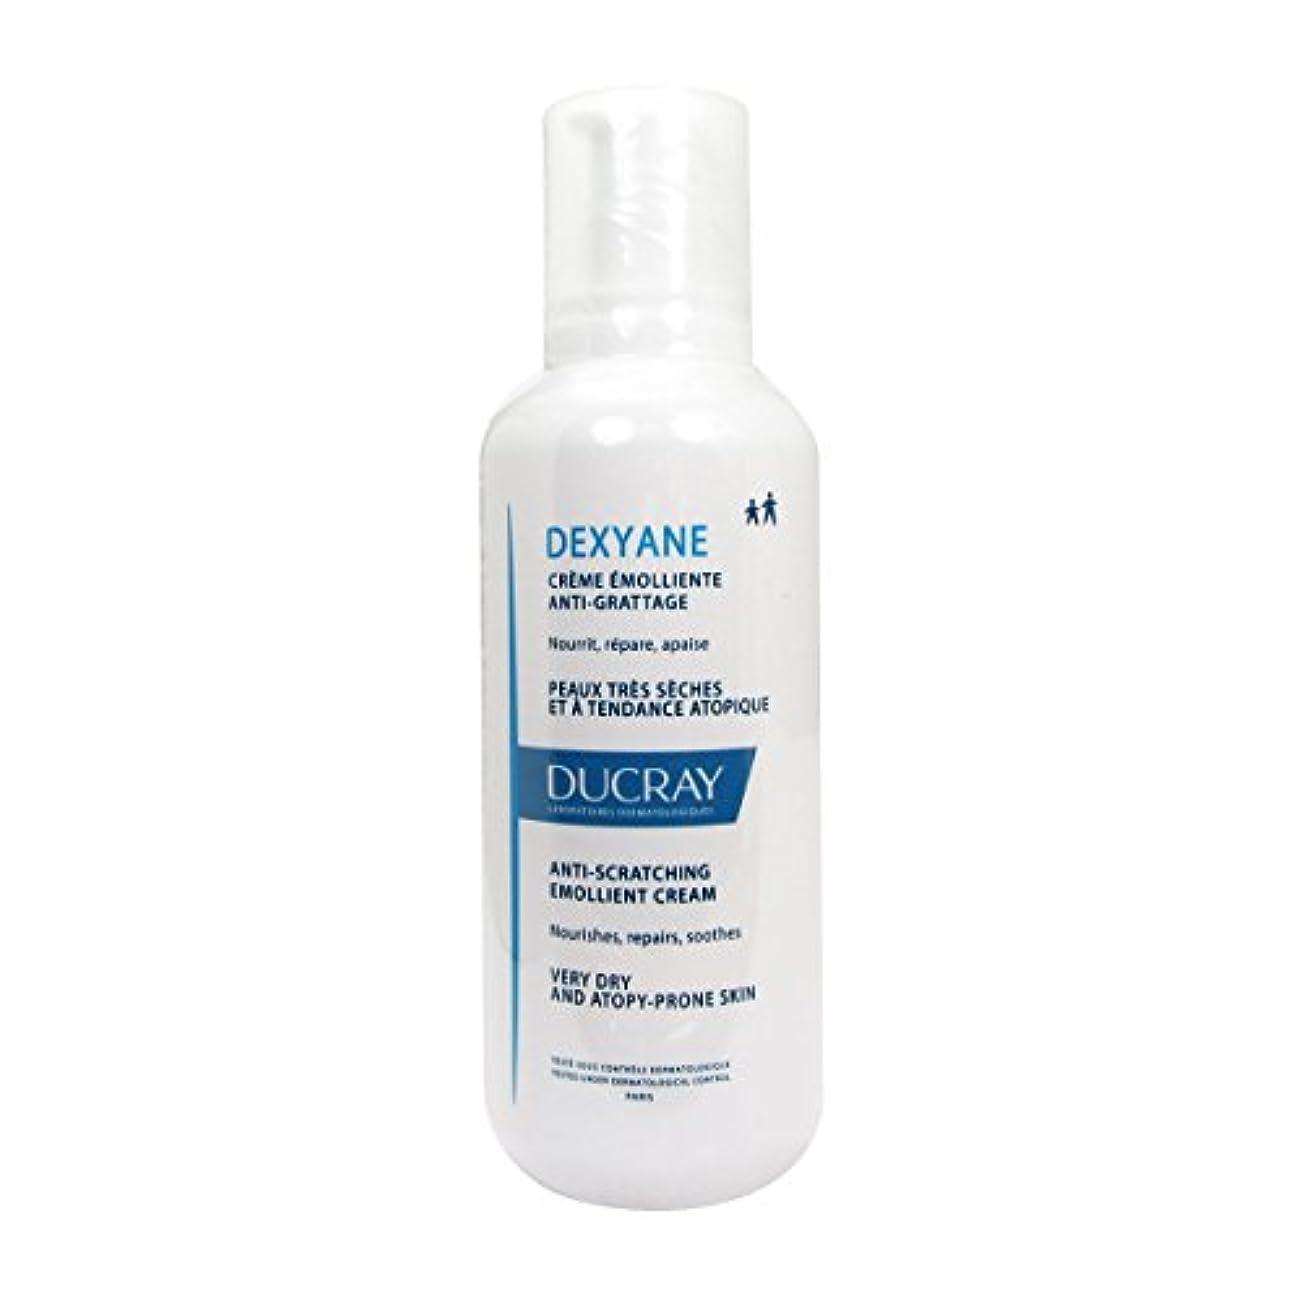 呼びかける呼吸以降Ducray Dexyane Anti-scratching Emollient Cream 400ml [並行輸入品]